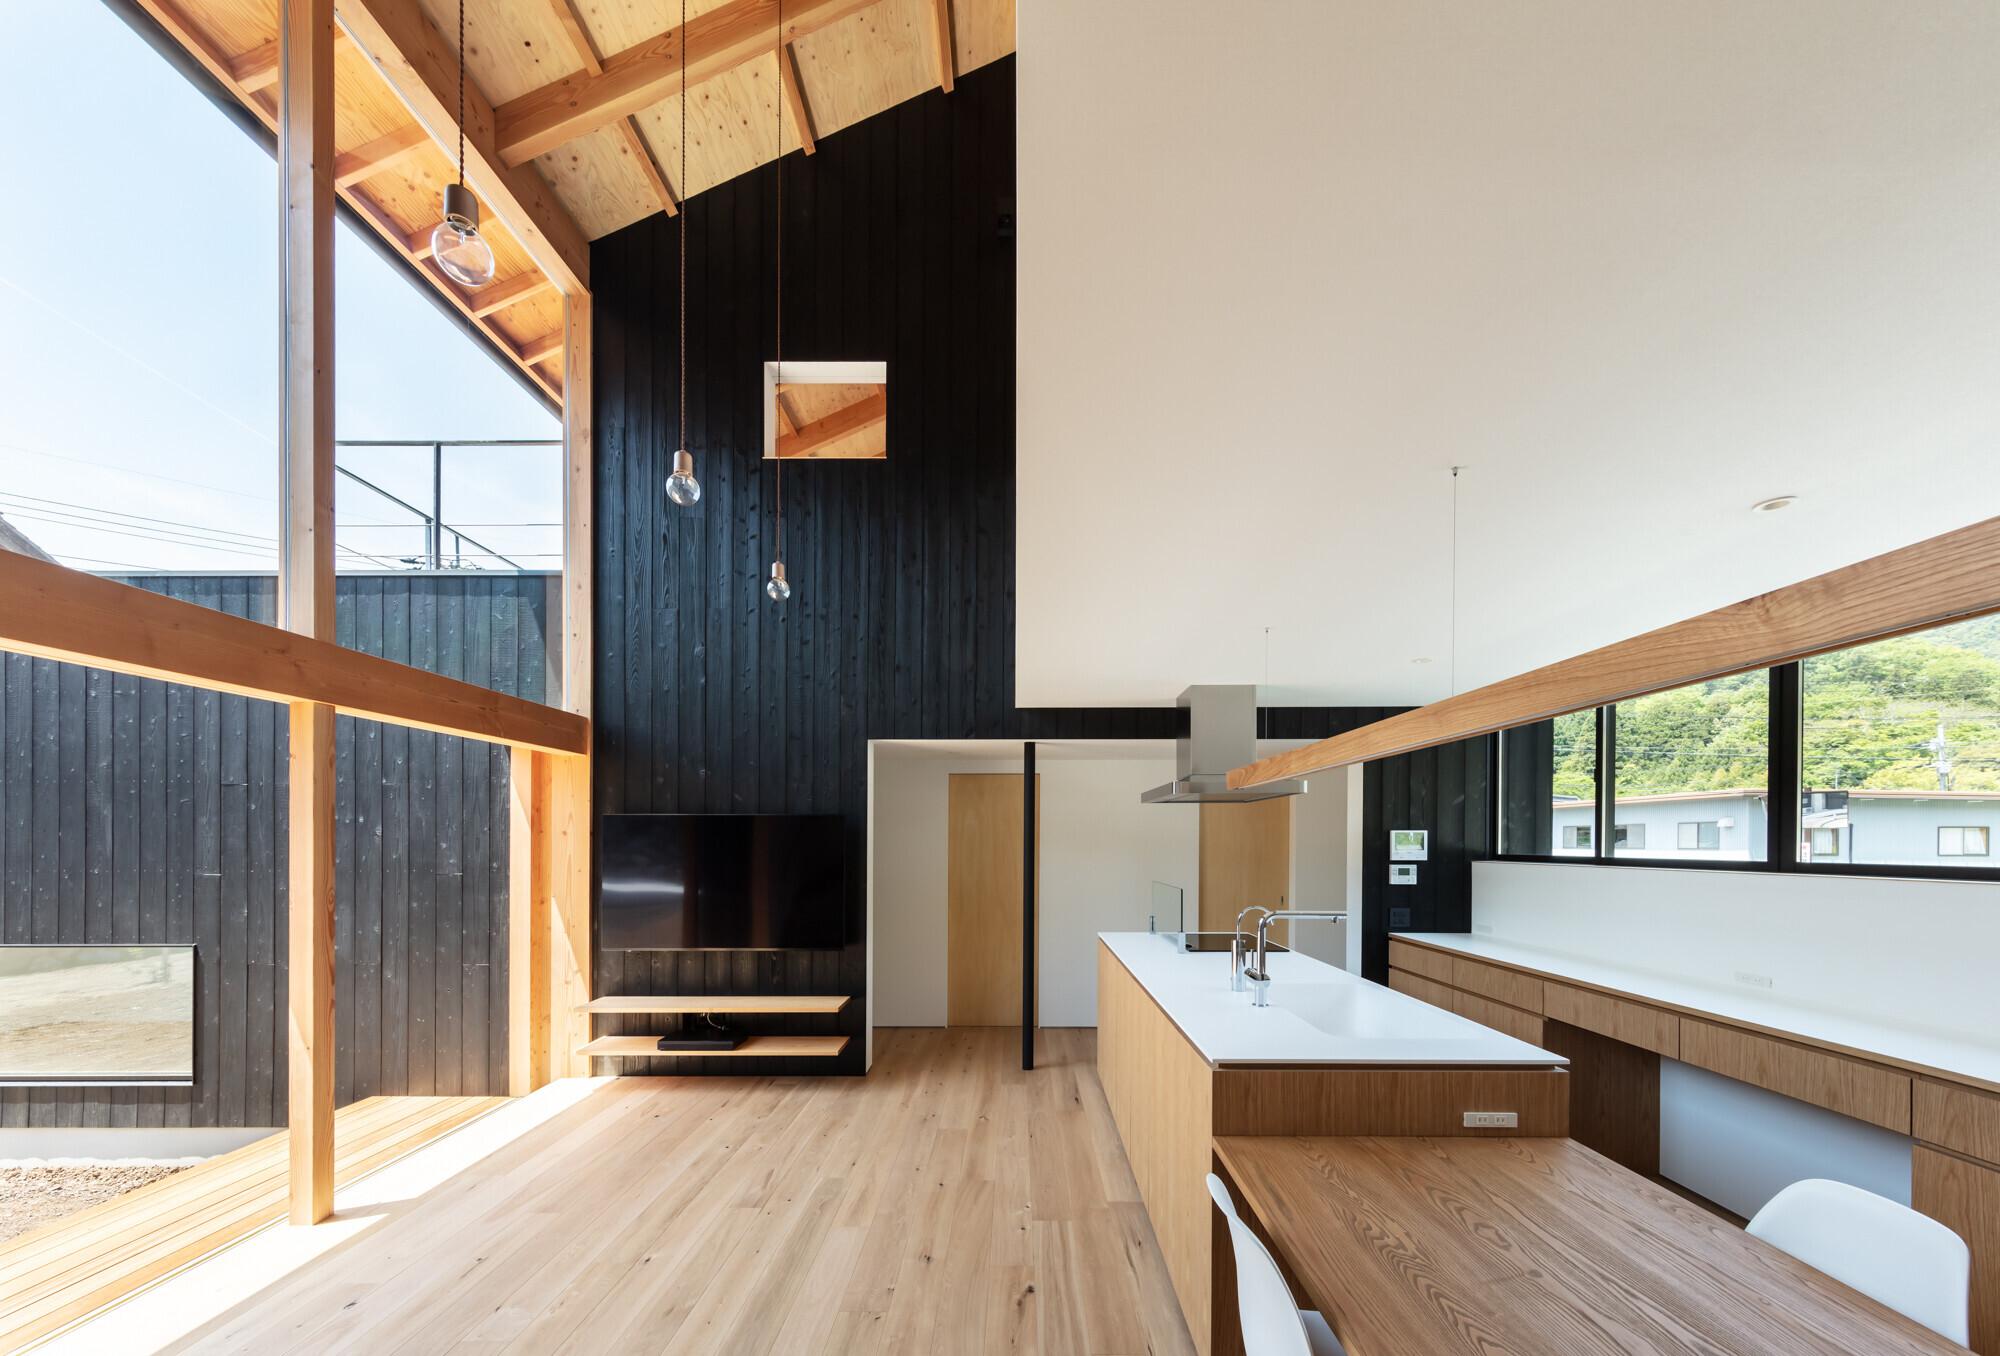 米原の家Ⅱの建築事例写真